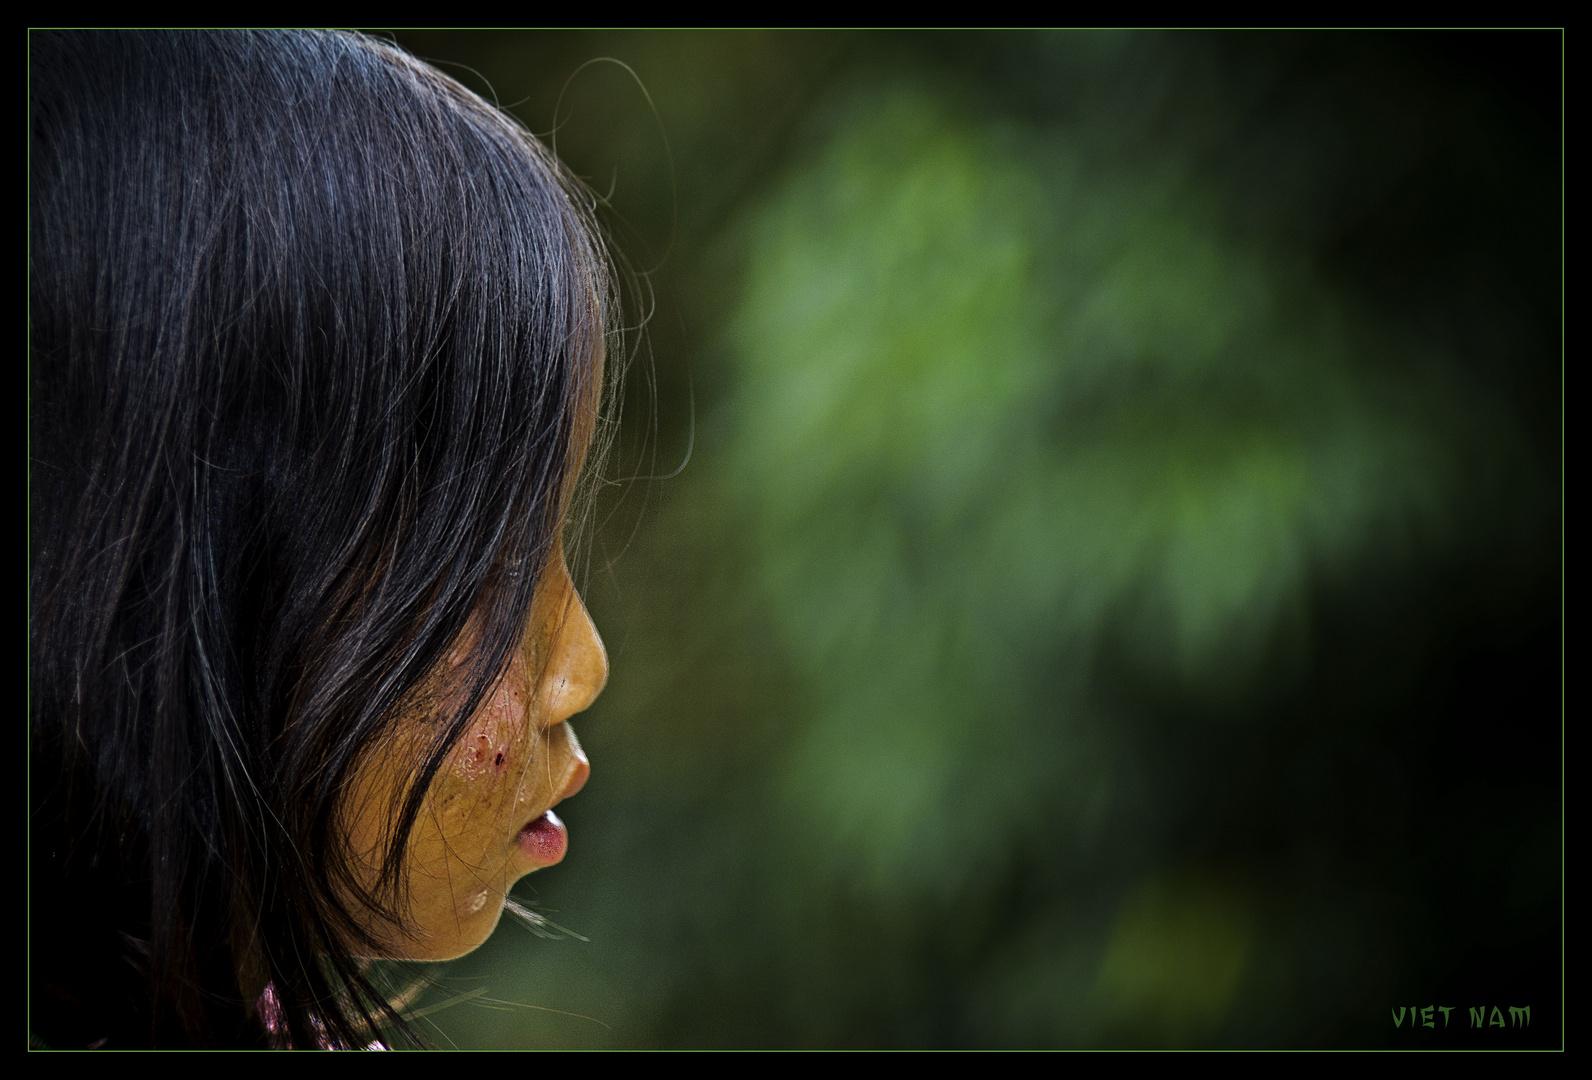 Vietnam [1]